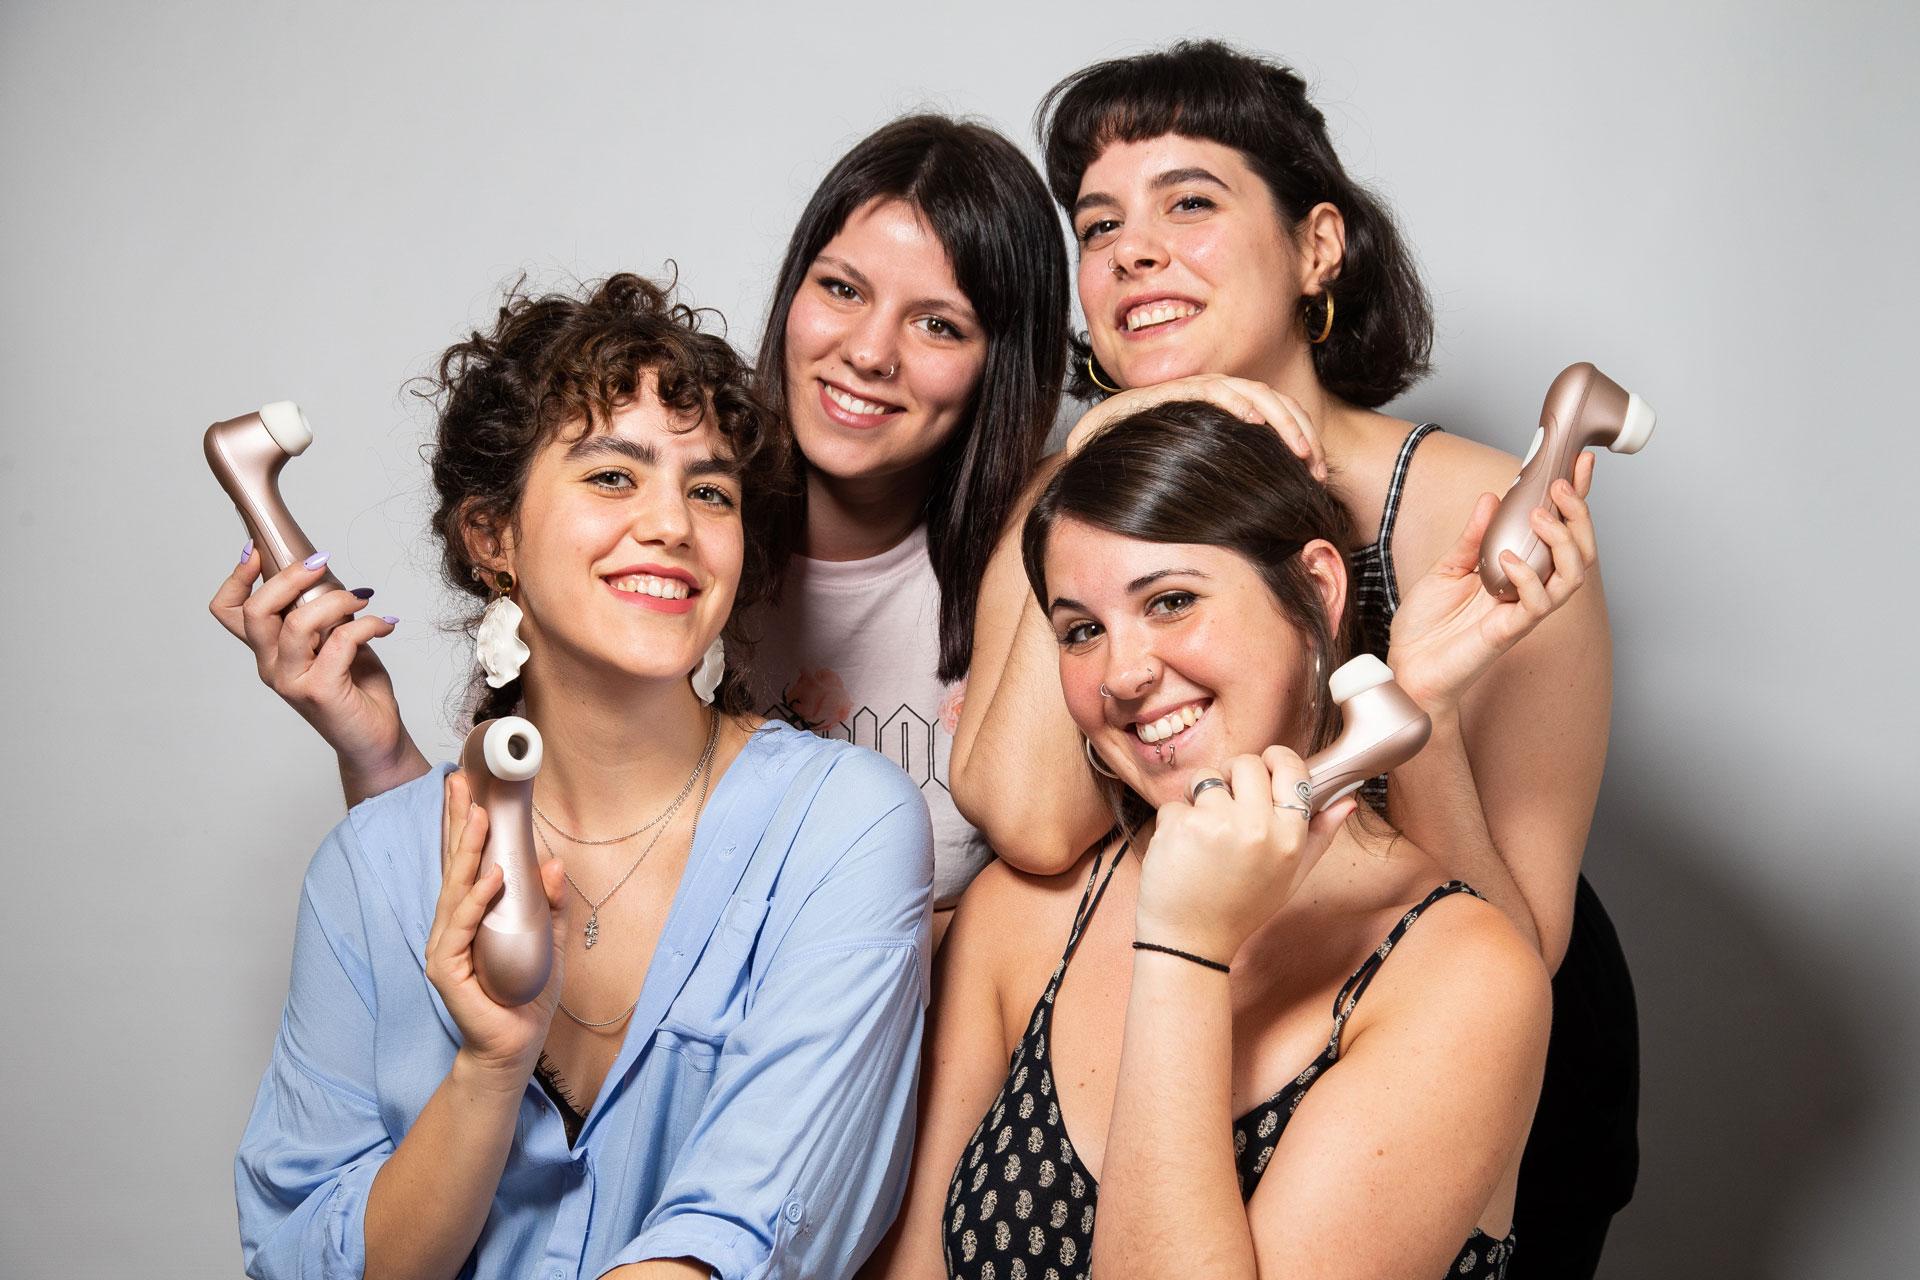 Mujeres posando con un Satisfyer en la mano